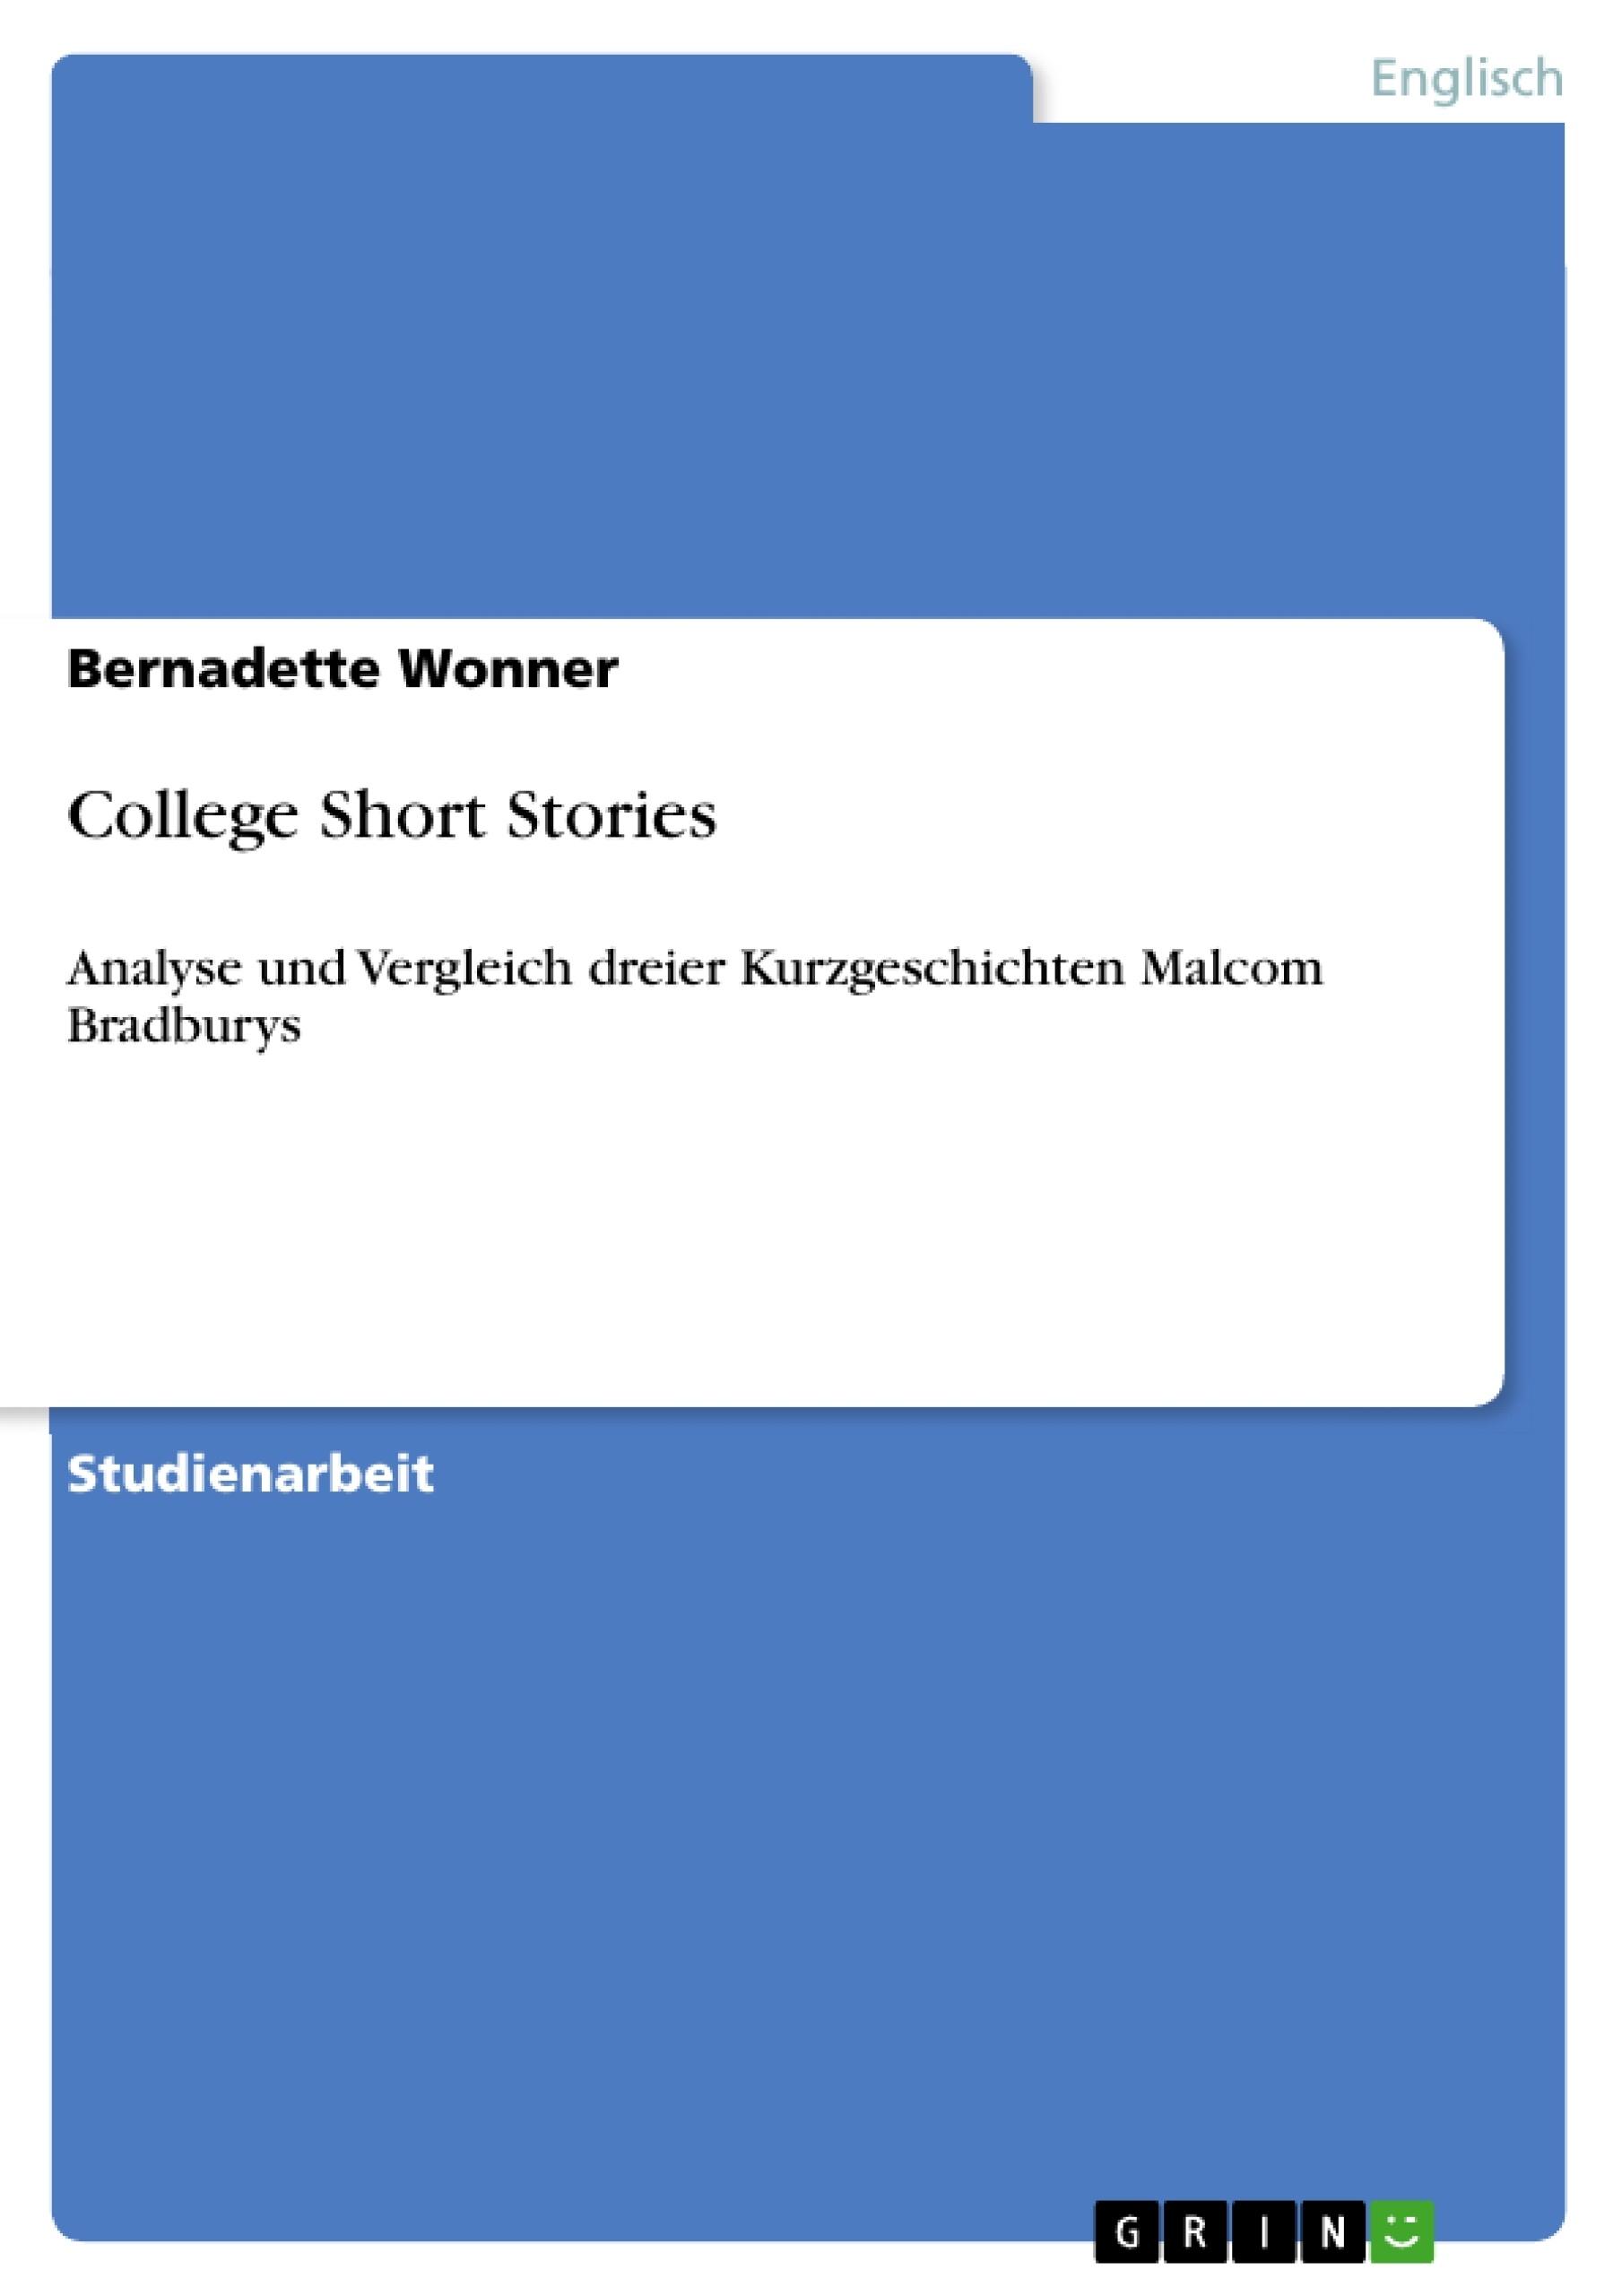 Titel: College Short Stories